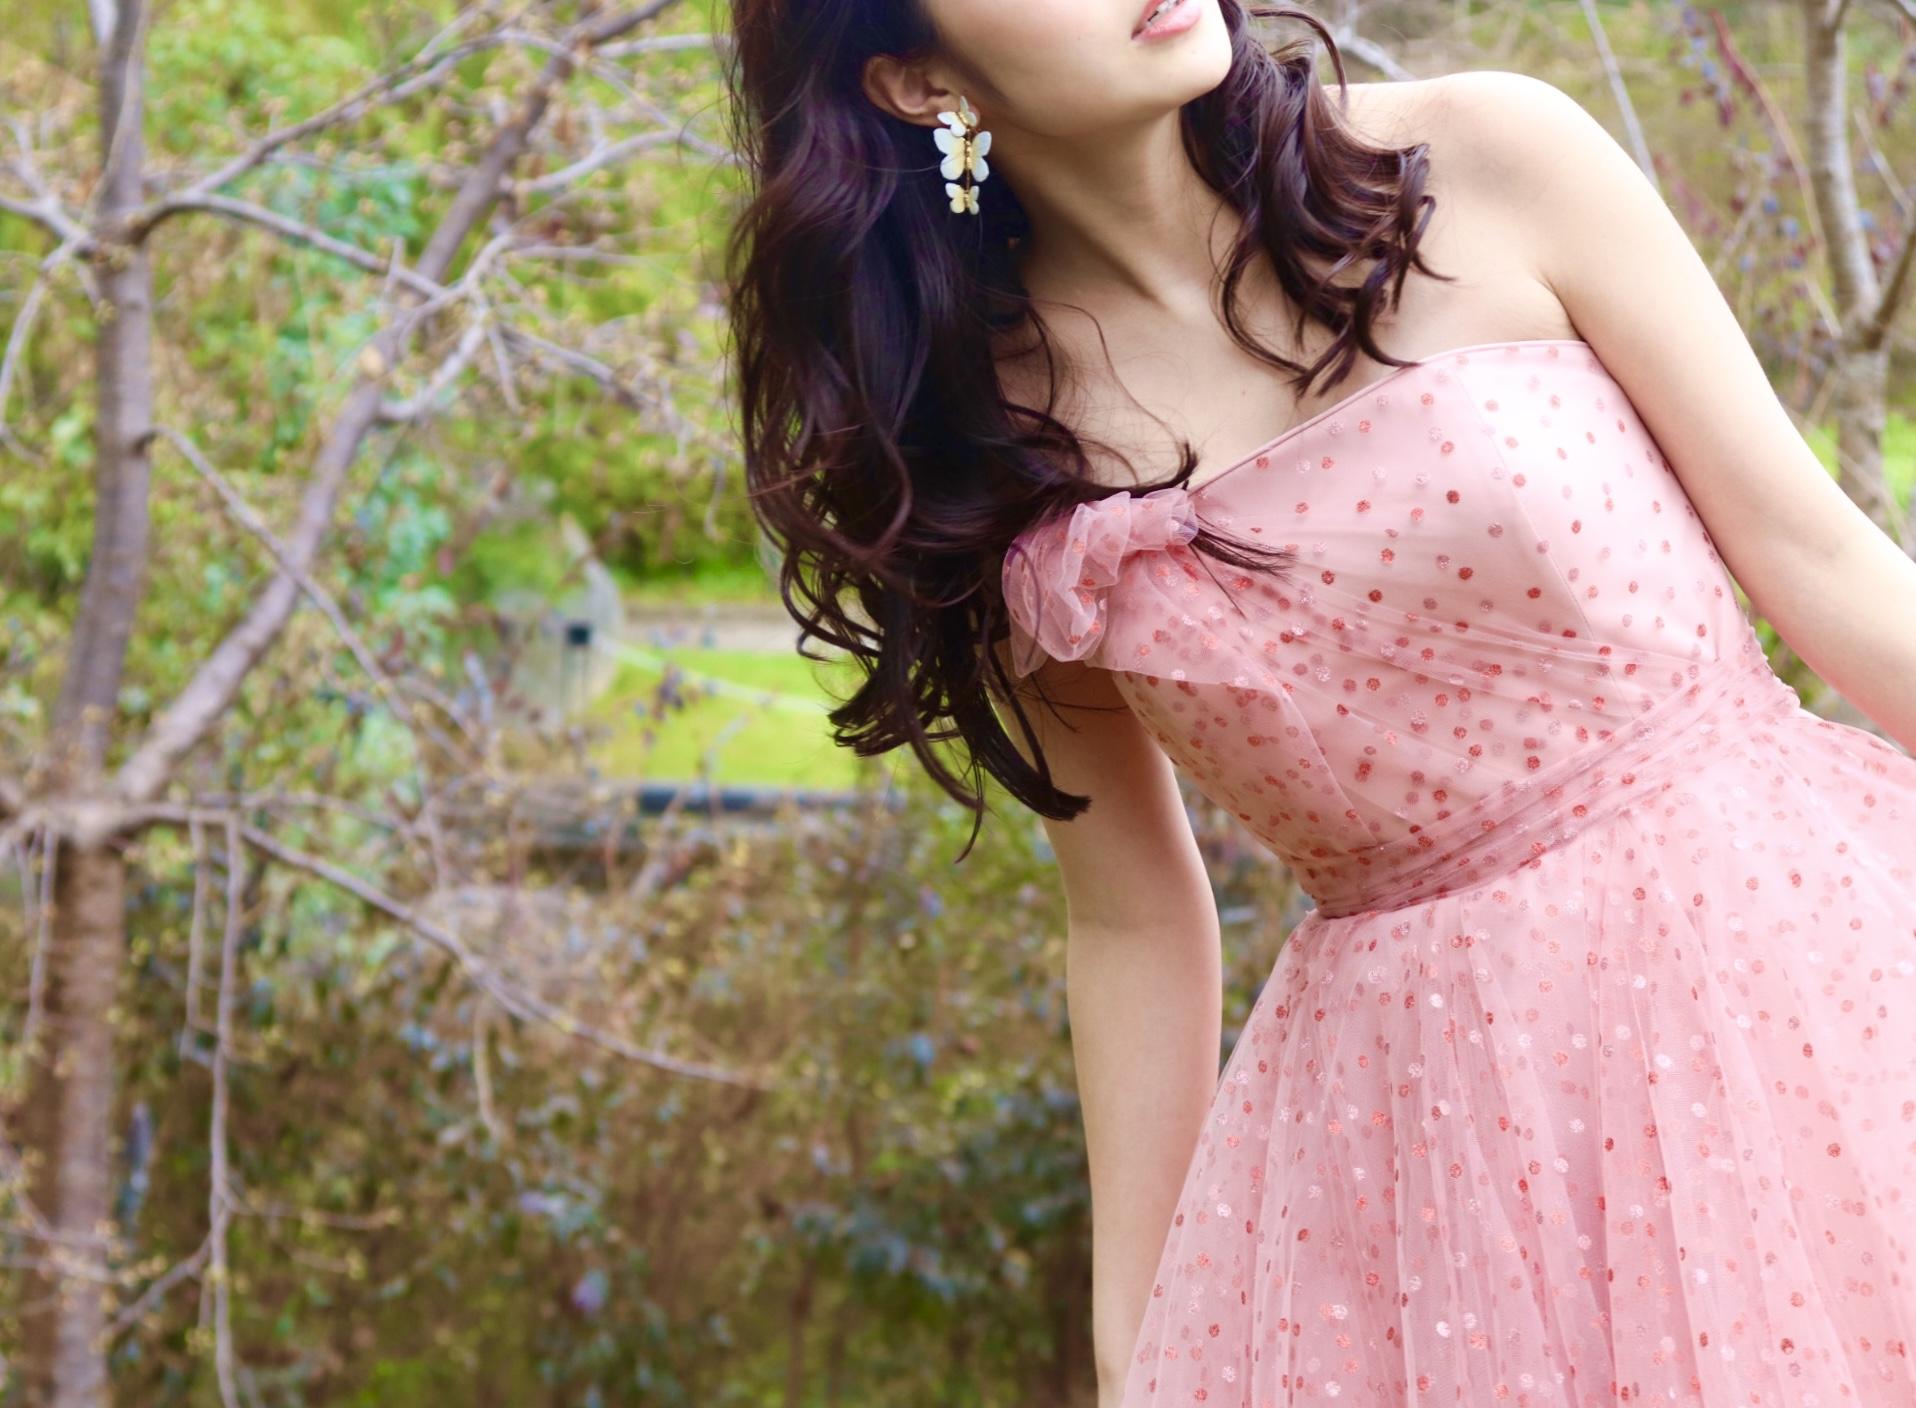 鶴見ノ森迎賓館におすすめのザ・トリート・ドレッシングから新作のチュールでAラインのピンクのカラードレス